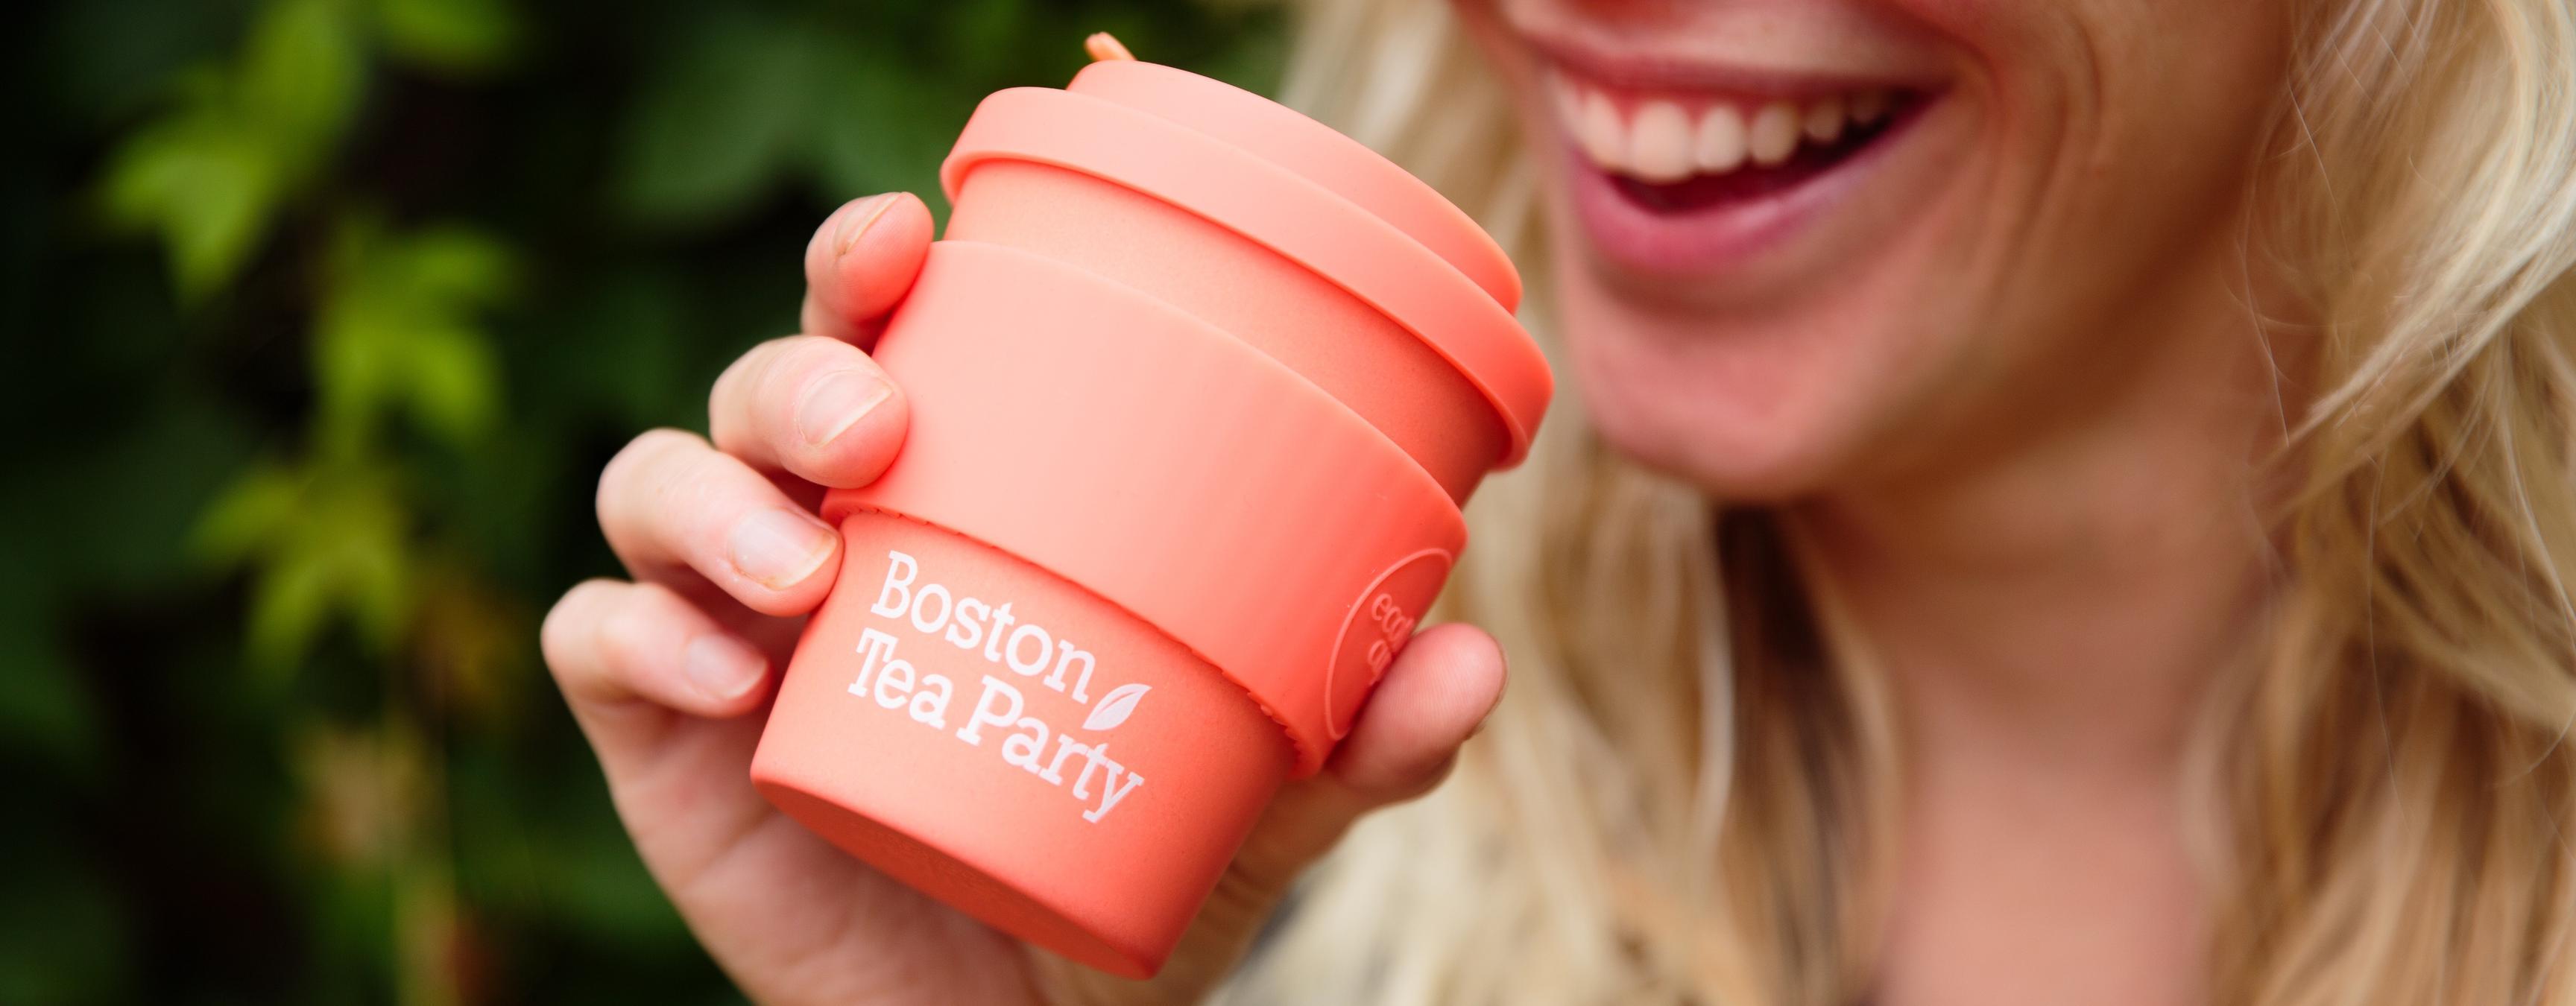 Boston Tea Party - Edgbaston Brand Cover